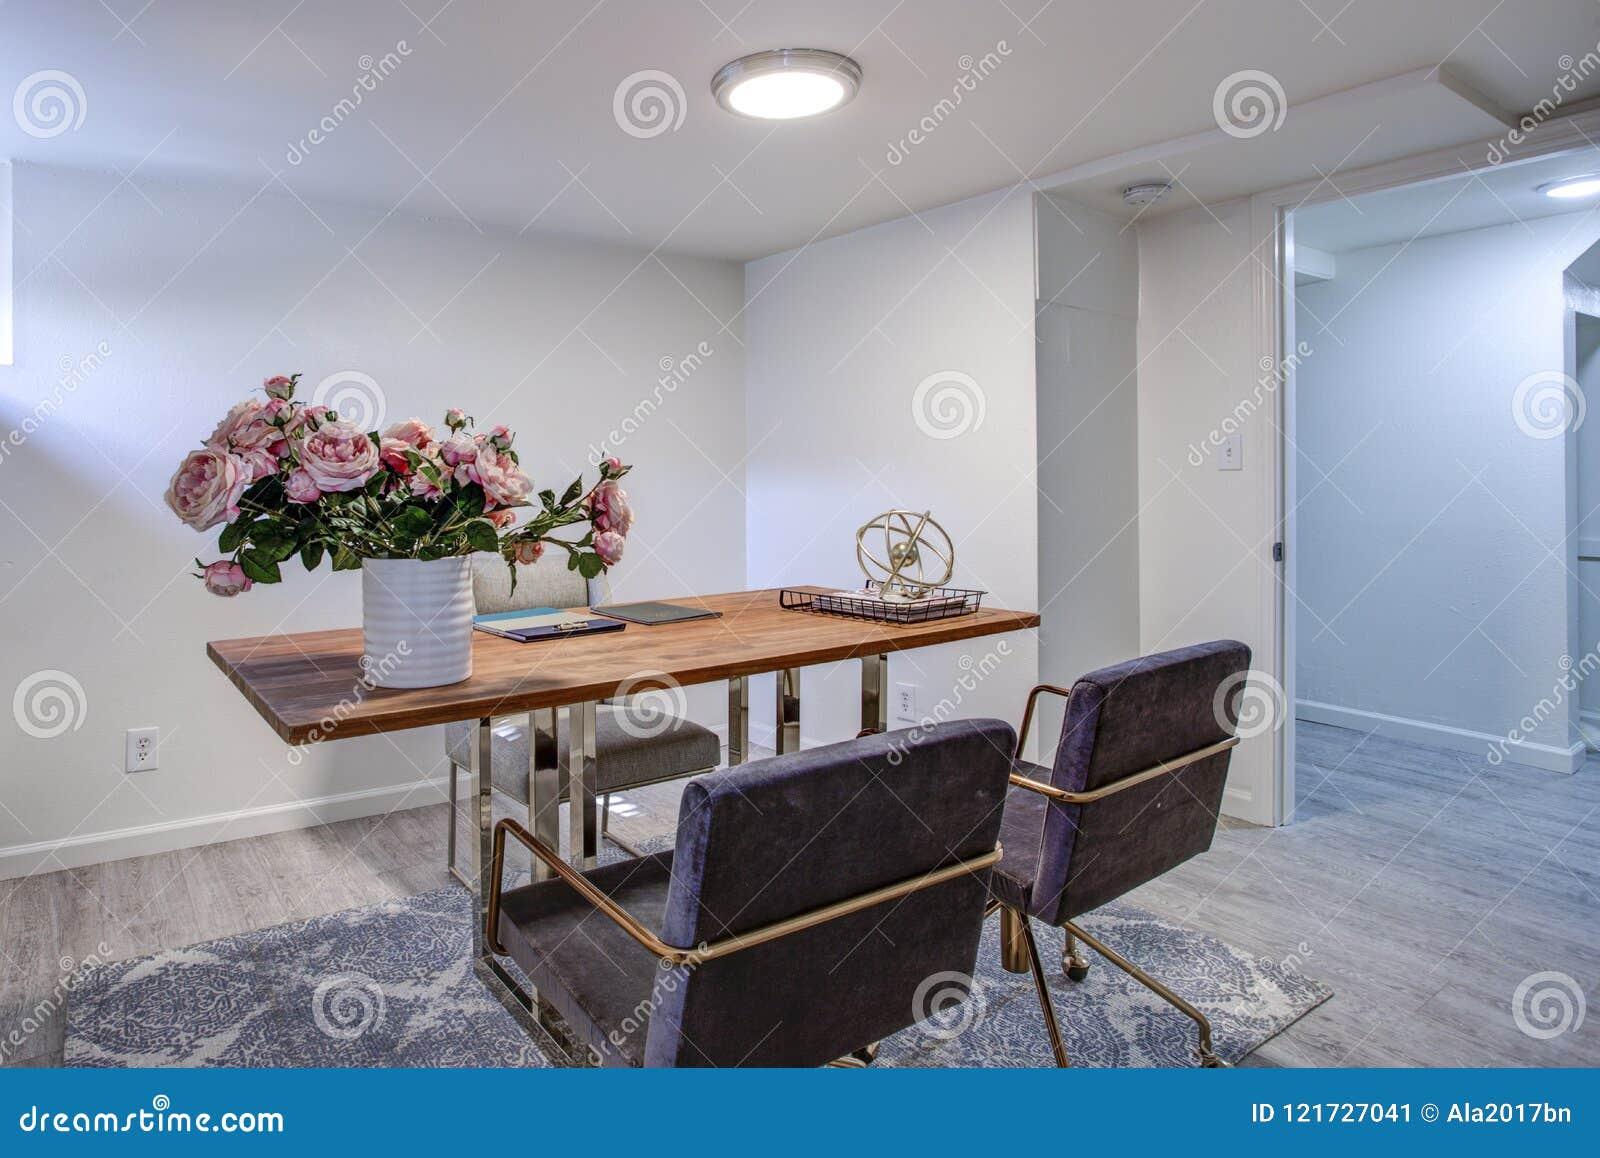 Άσπρο Υπουργείο Εσωτερικών με το χρώμιο και το ξύλινο γραφείο